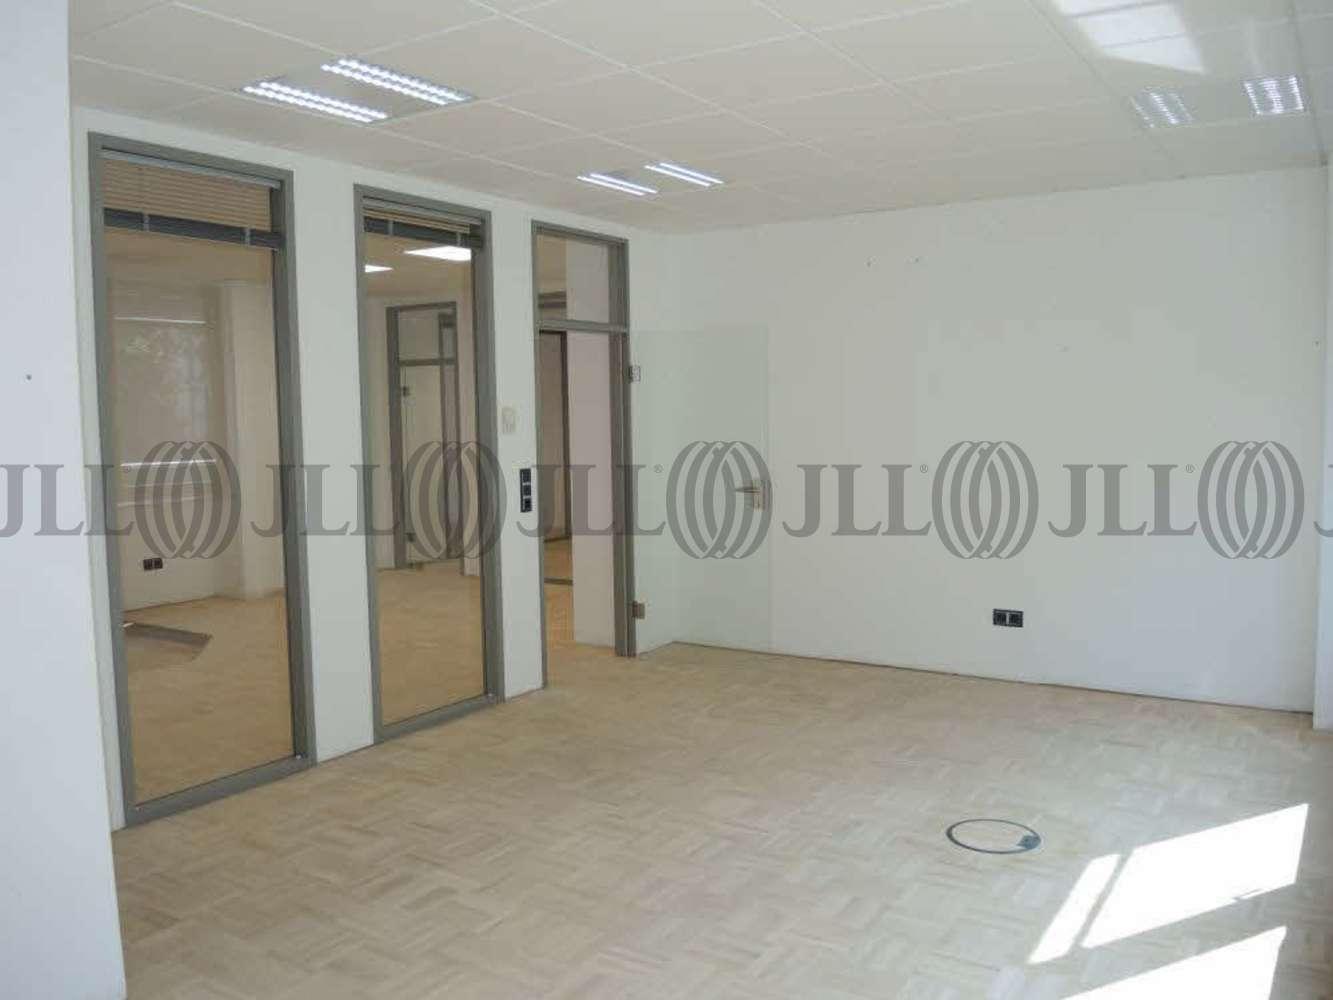 Büros Frankfurt am main, 60313 - Büro - Frankfurt am Main, Innenstadt - F2661 - 10870645